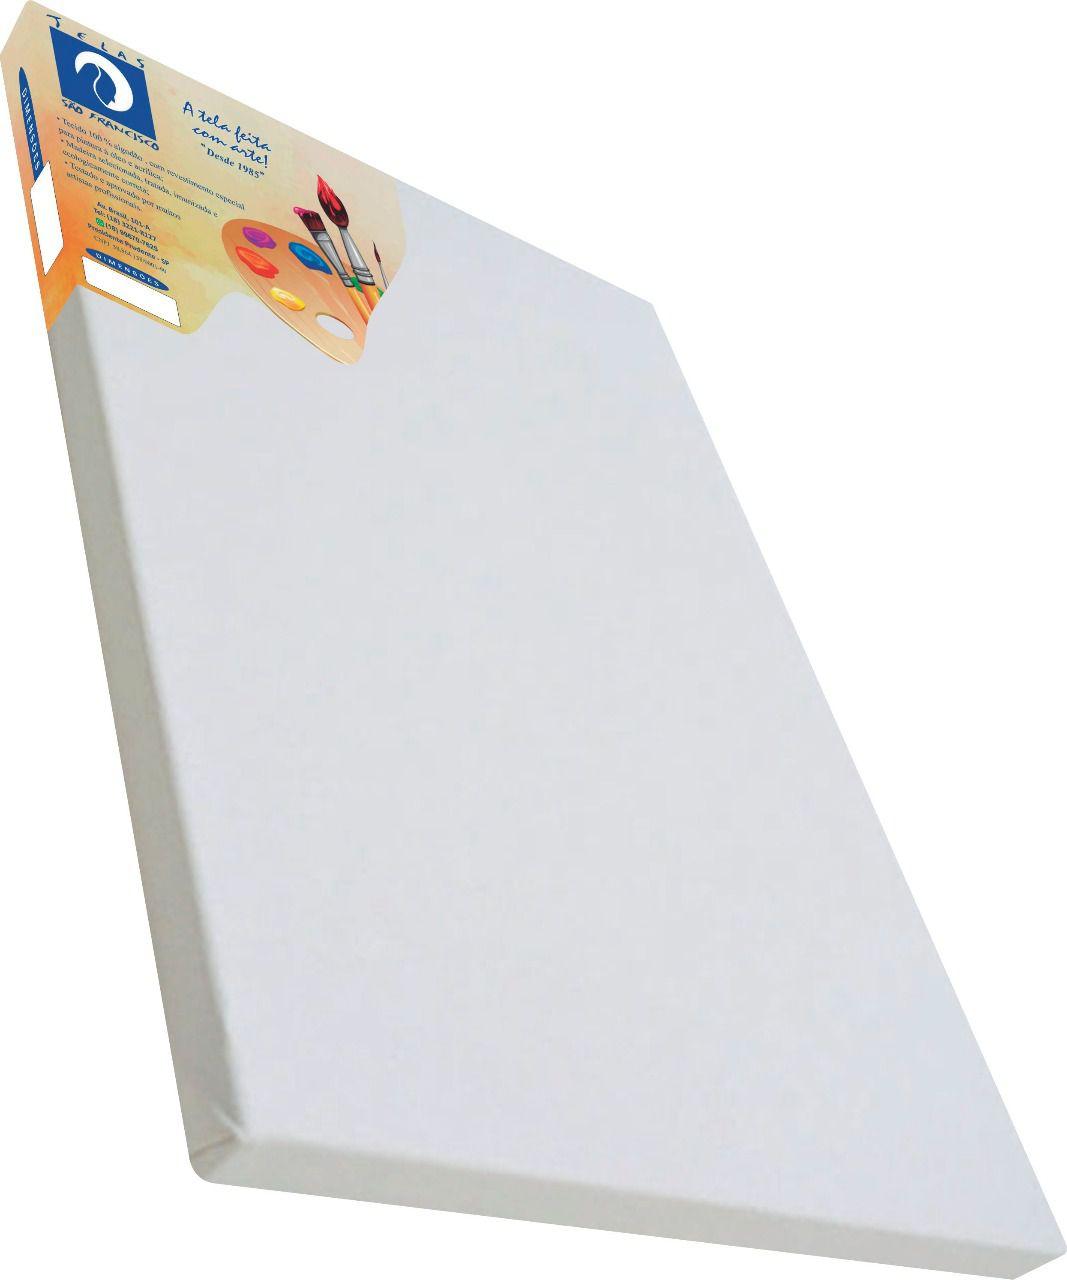 Tela comum para pintura 40x60cm - São Francisco